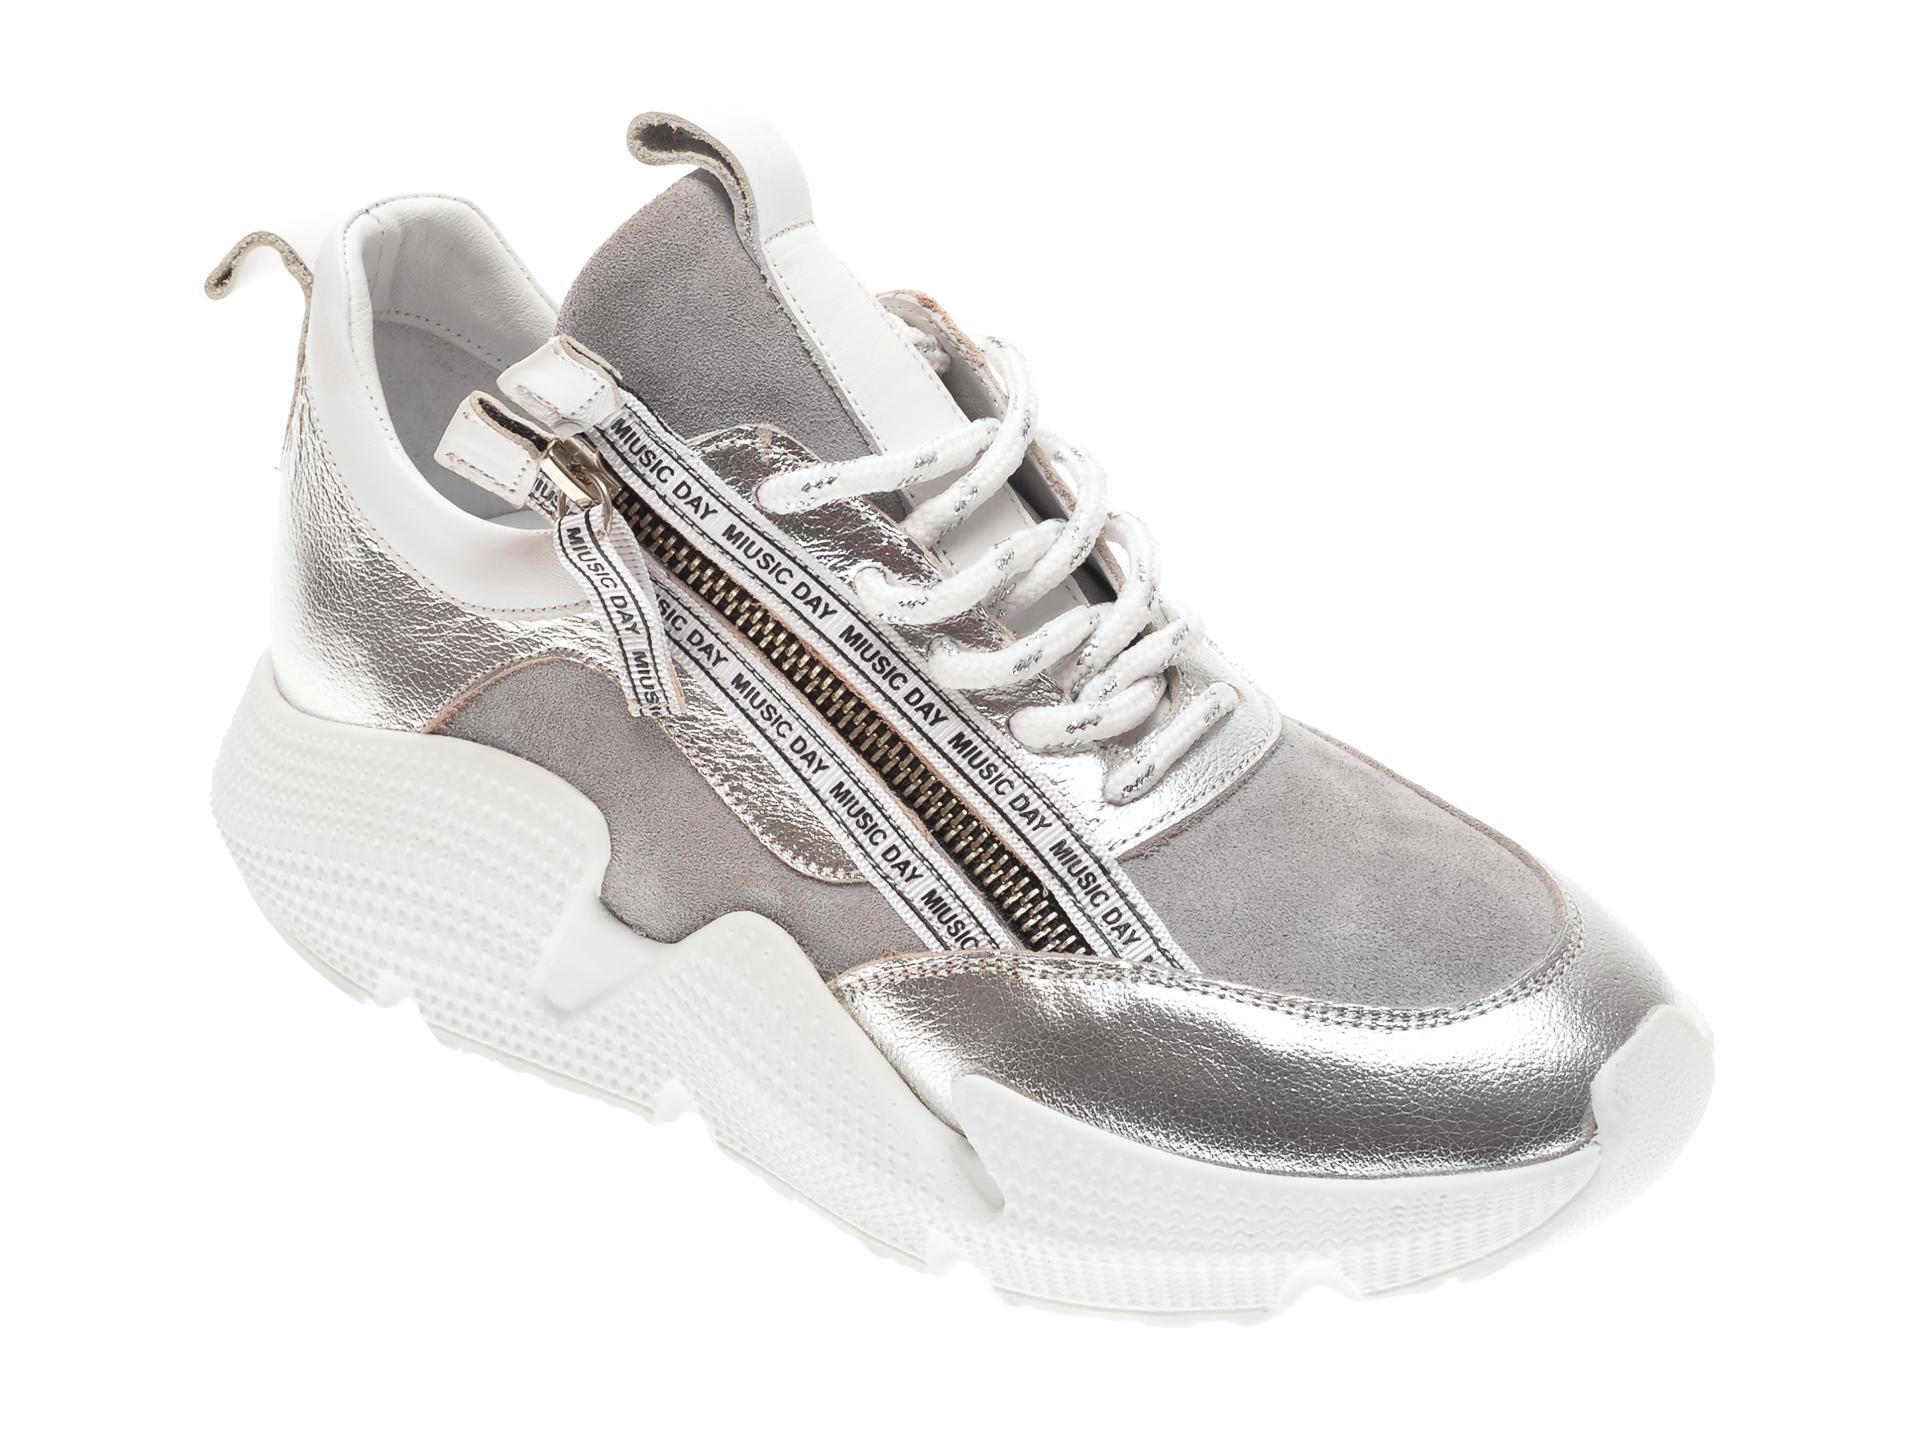 Pantofi sport FLAVIA PASSINI argintii, 135P14, din piele naturala